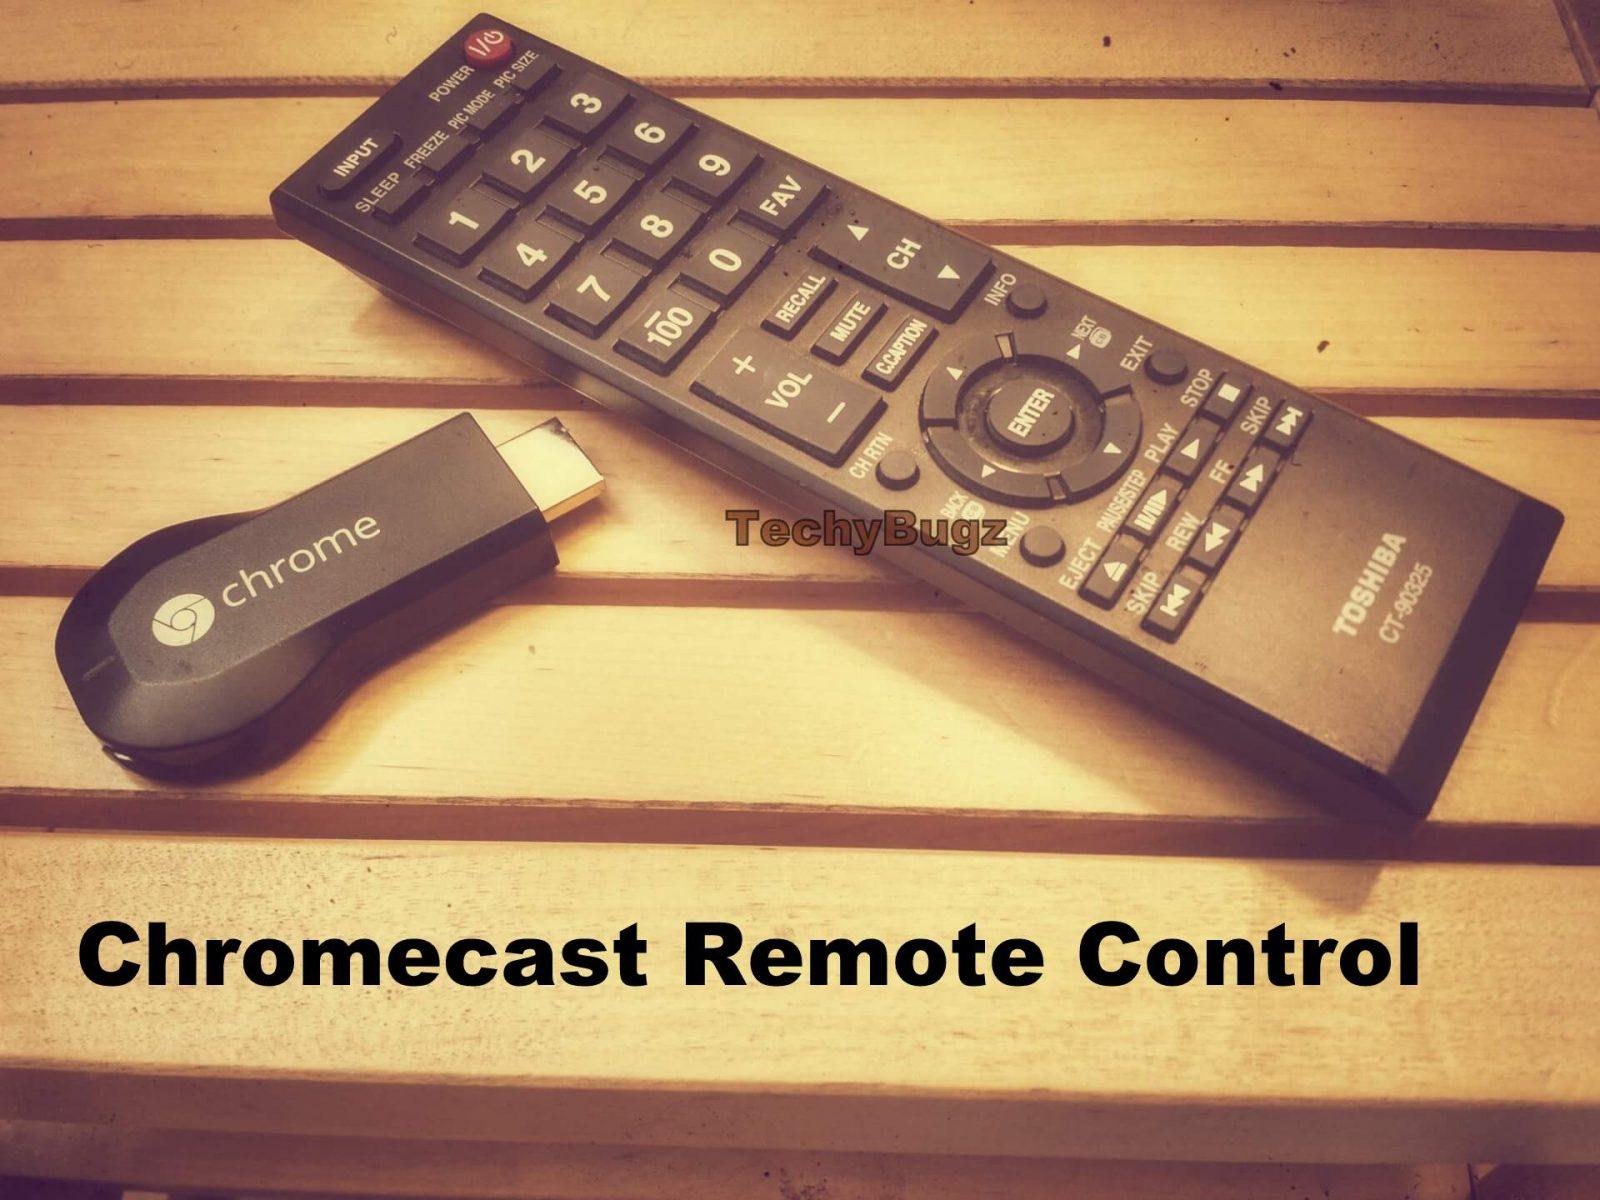 Chromecast Remote Control